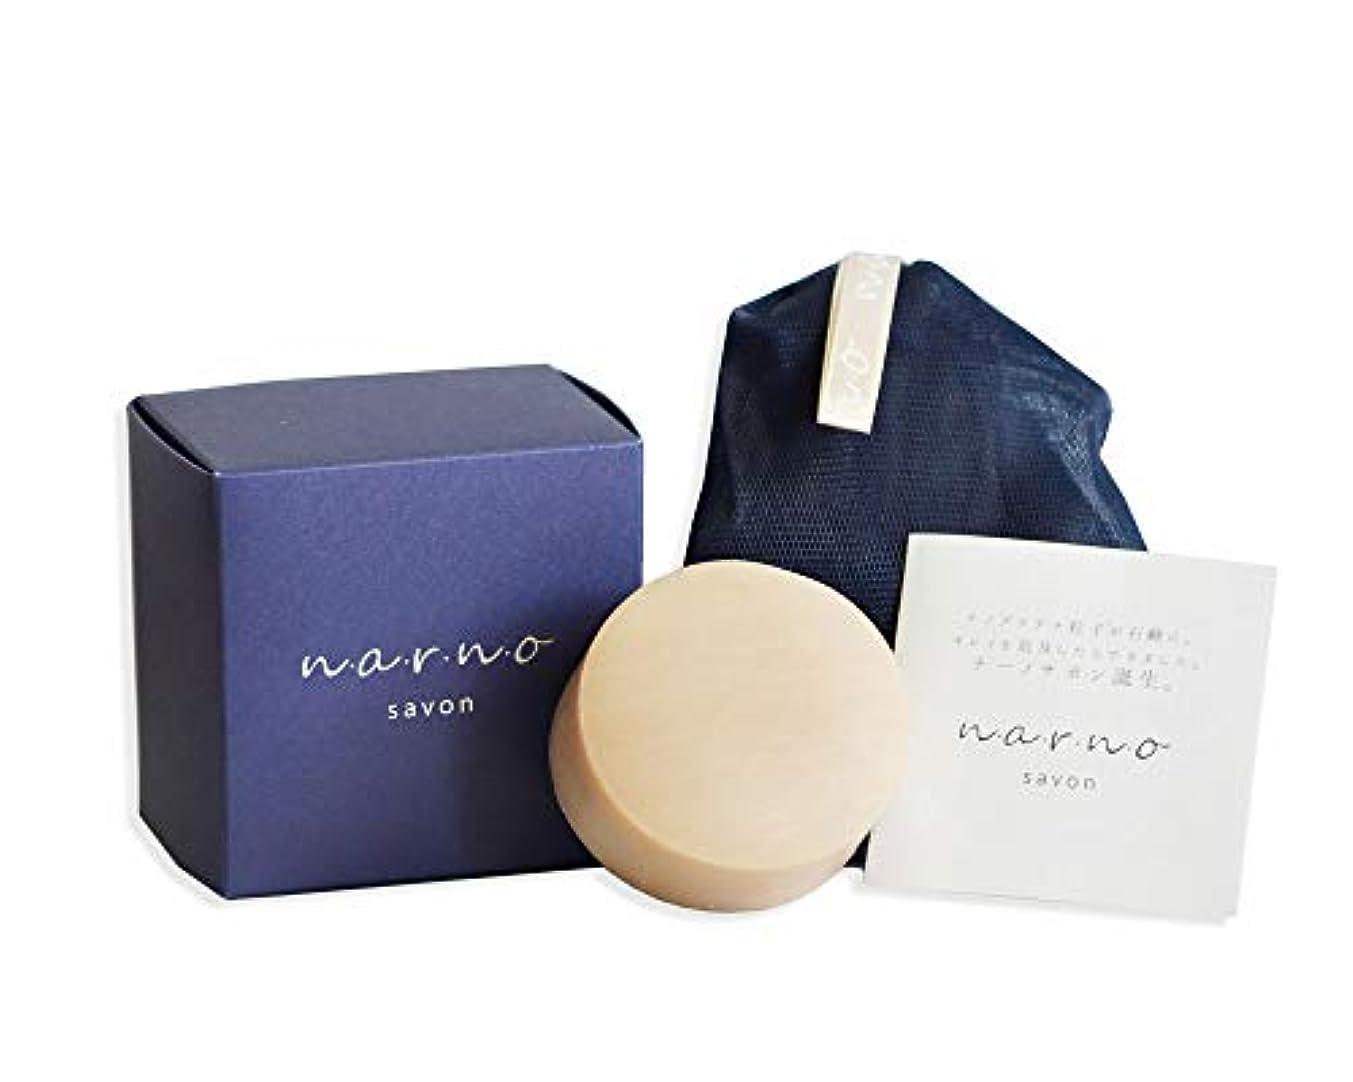 ぎこちない生む失速narno savon(ナーノサボン) 洗顔石鹸 ナノプラチナ粒子石鹸 ブルーパッケージ 100g